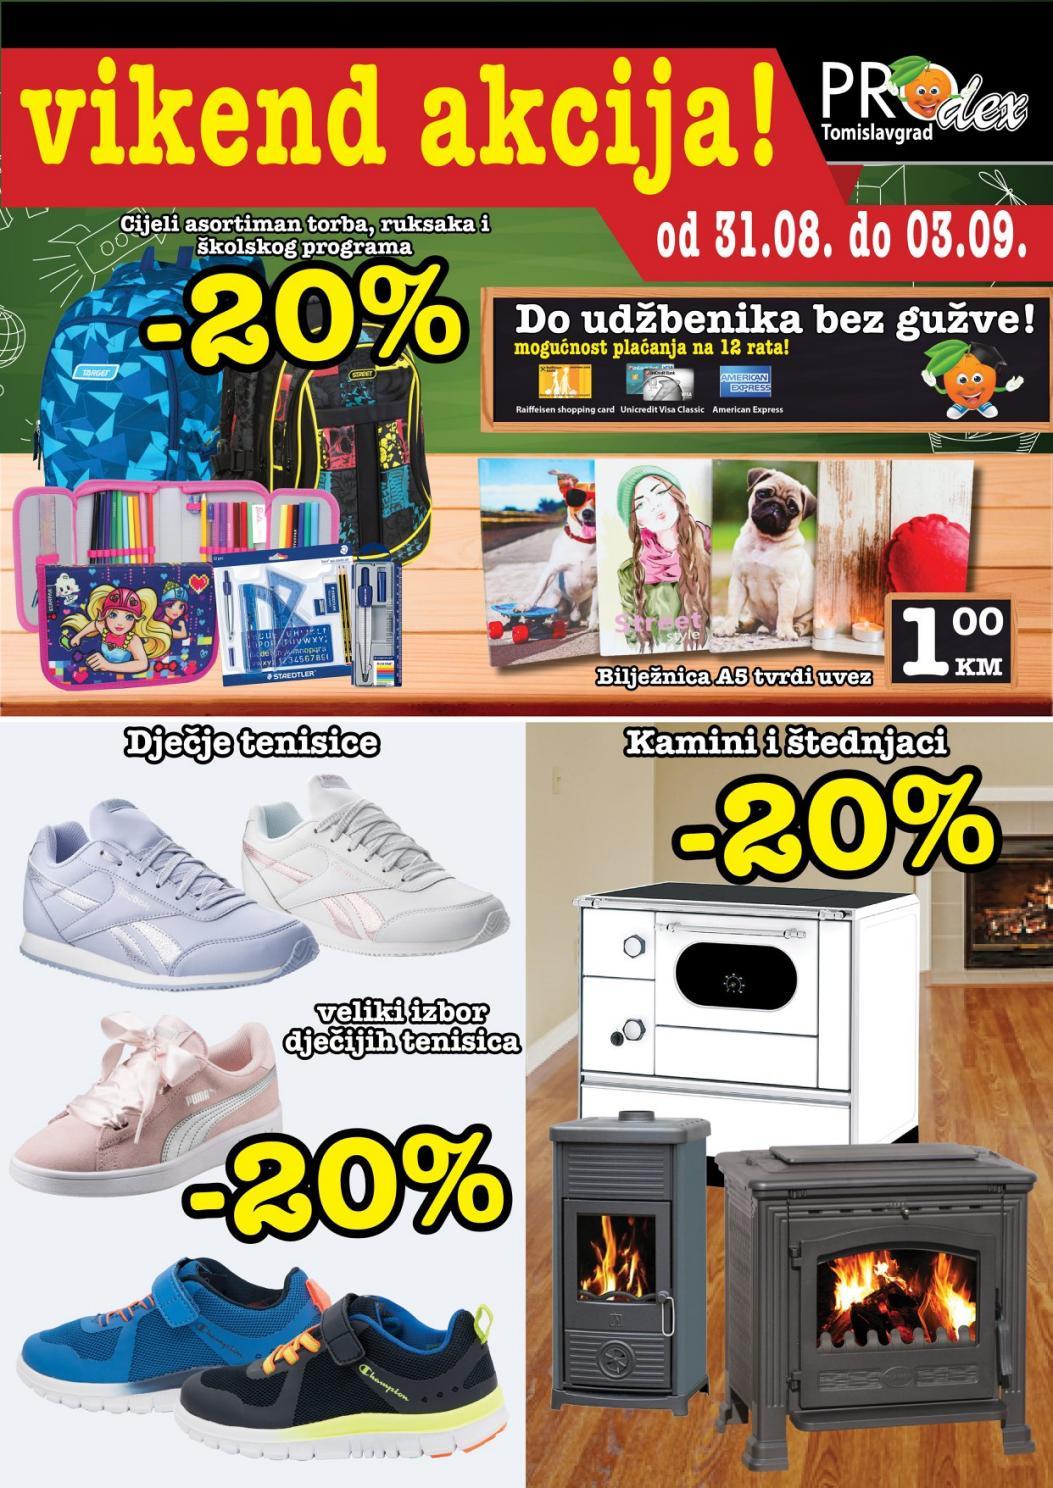 Nova produžena vikend akcija od 31.08.- 03.09.2018. u Prodex prodajnim centrima u Gorici i Tomislavgradu.